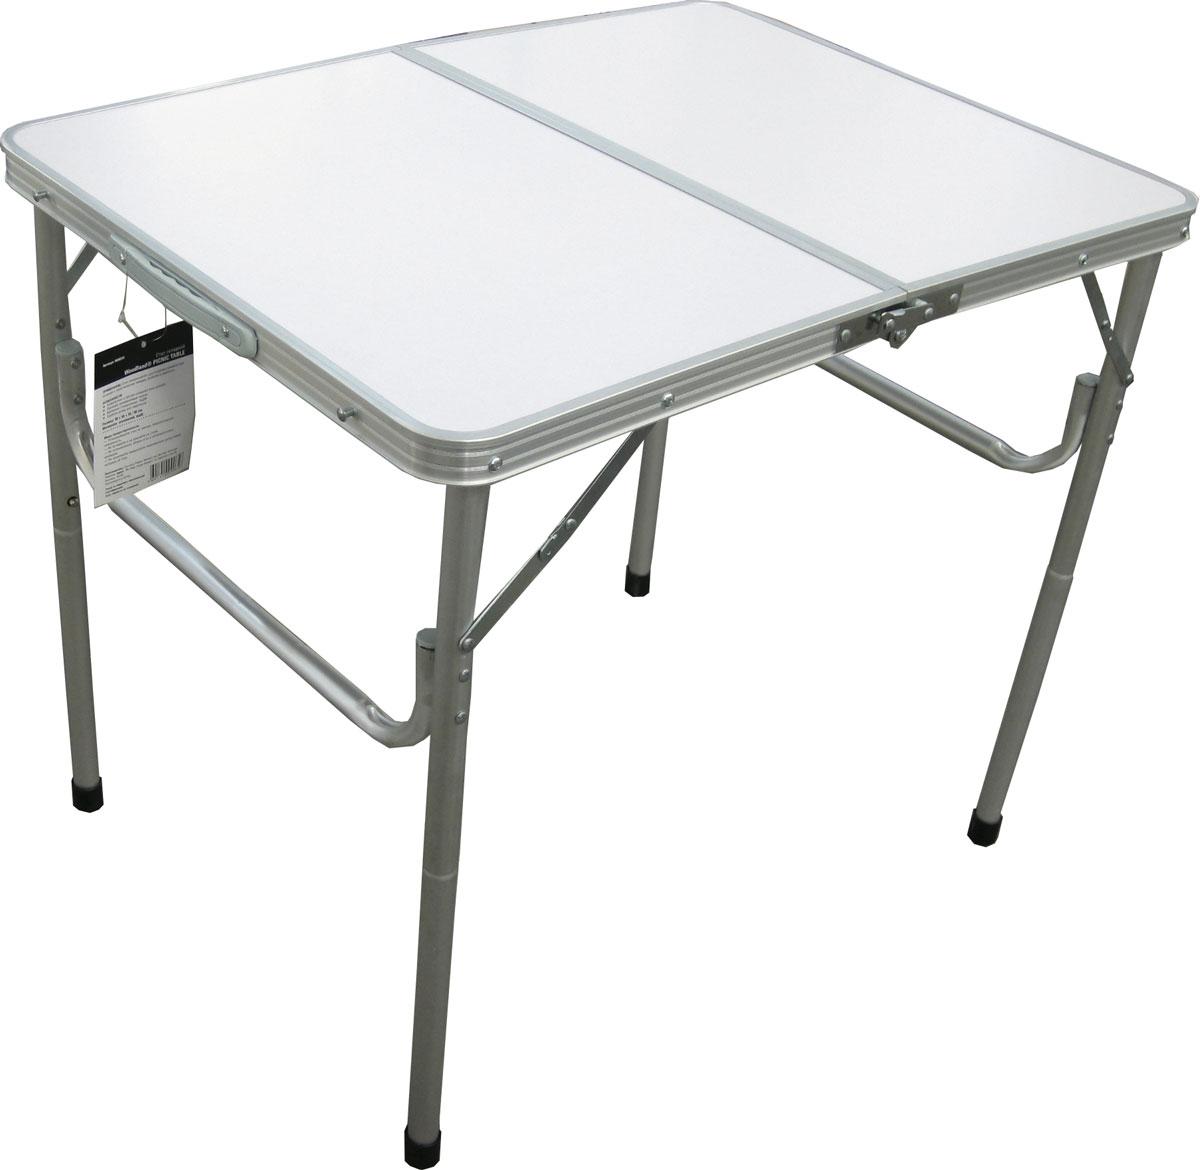 Стол складной Woodland Picnic Table, 80 x 60 x 68 смУТ-000049741Складной стол Woodland Picnic Table предназначен для создания комфортных условий в туристических походах, рыбалке и кемпинге.Особенности:Компактная и легкая складная конструкция.Прочный алюминиевый каркас с покрытием.Материал столешницы - МДФ.Удобная ручка для переноски.